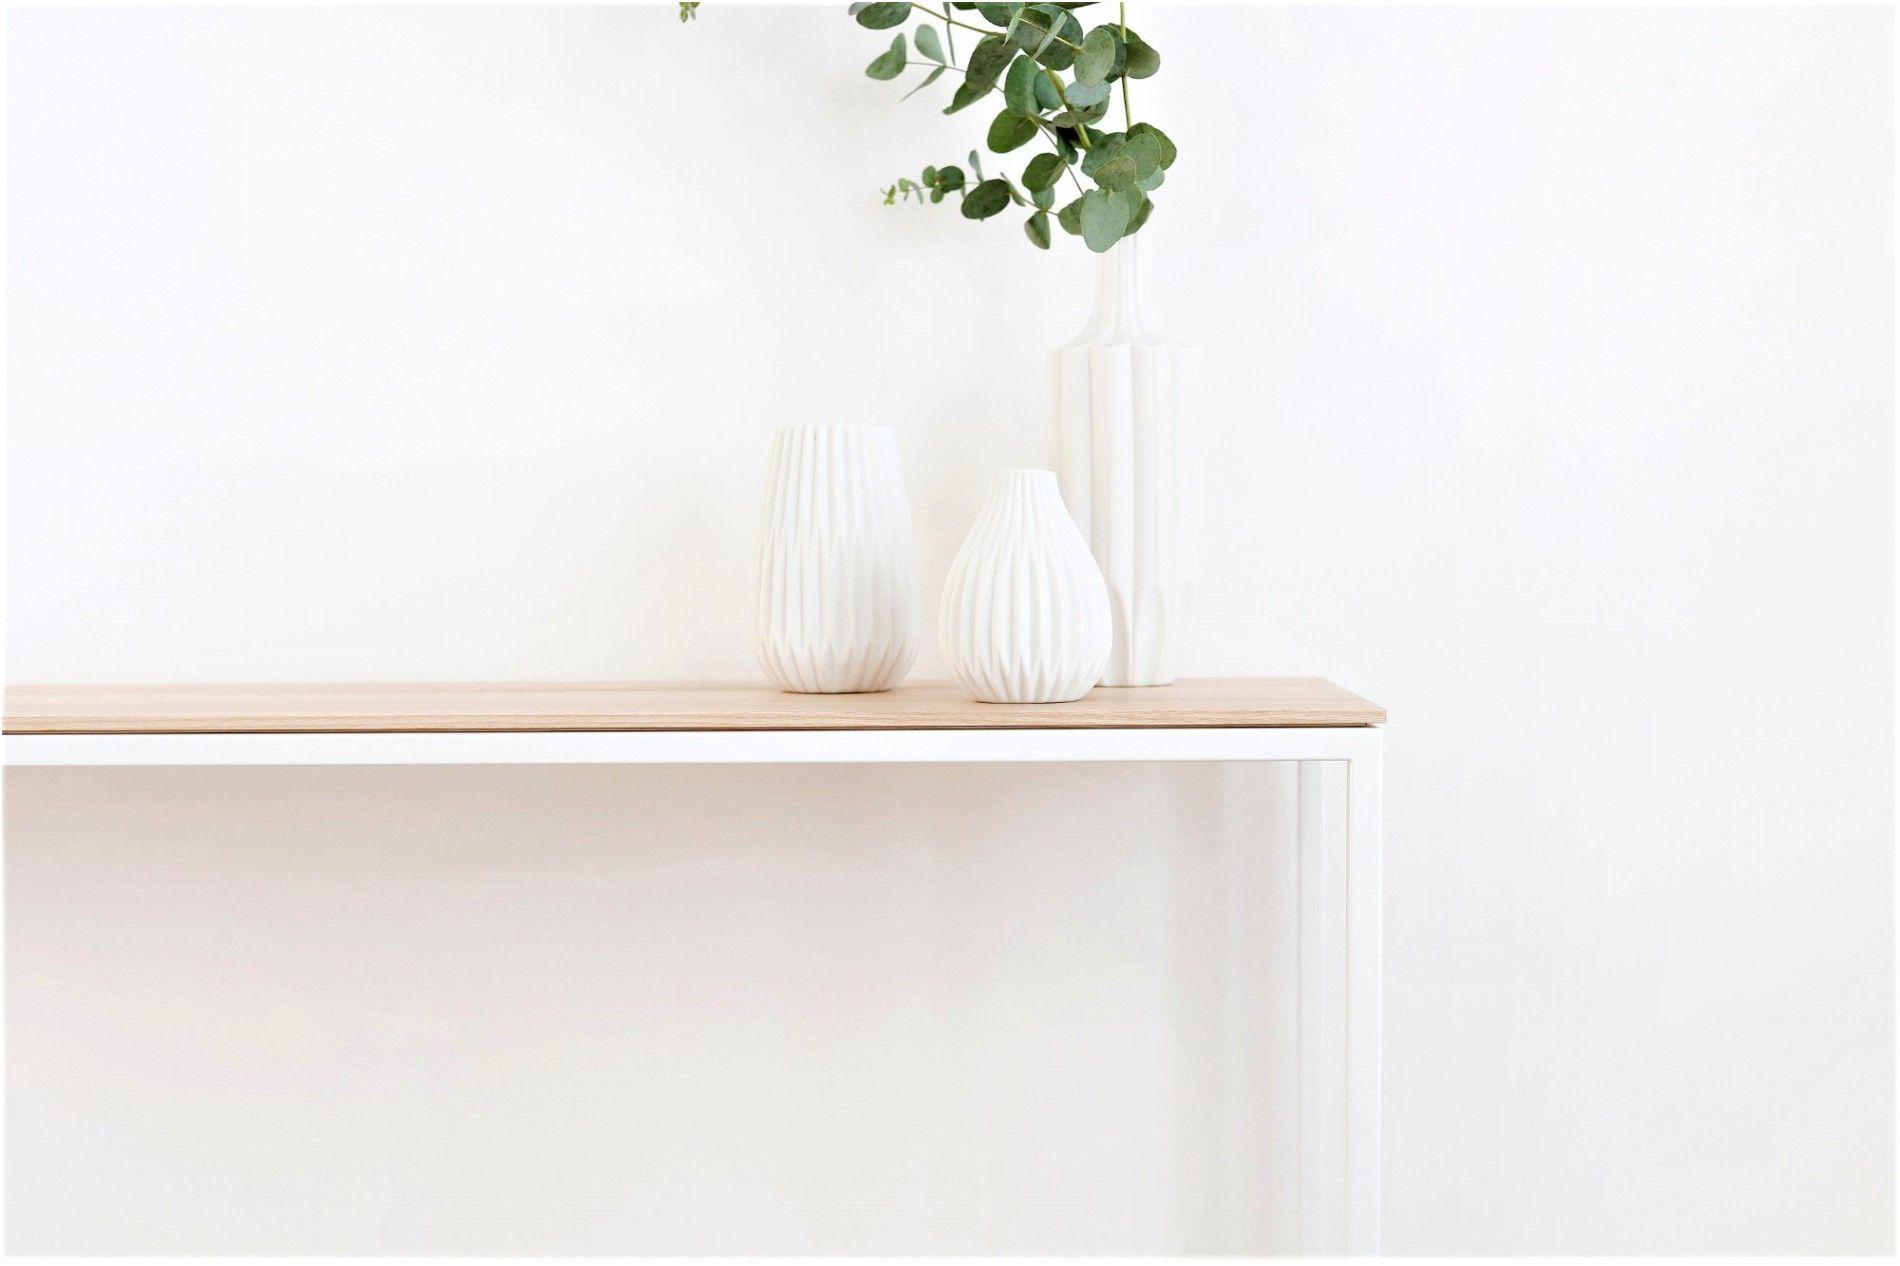 Ausgezeichnet 2er Sofa Weiss Decor Home Decor Home